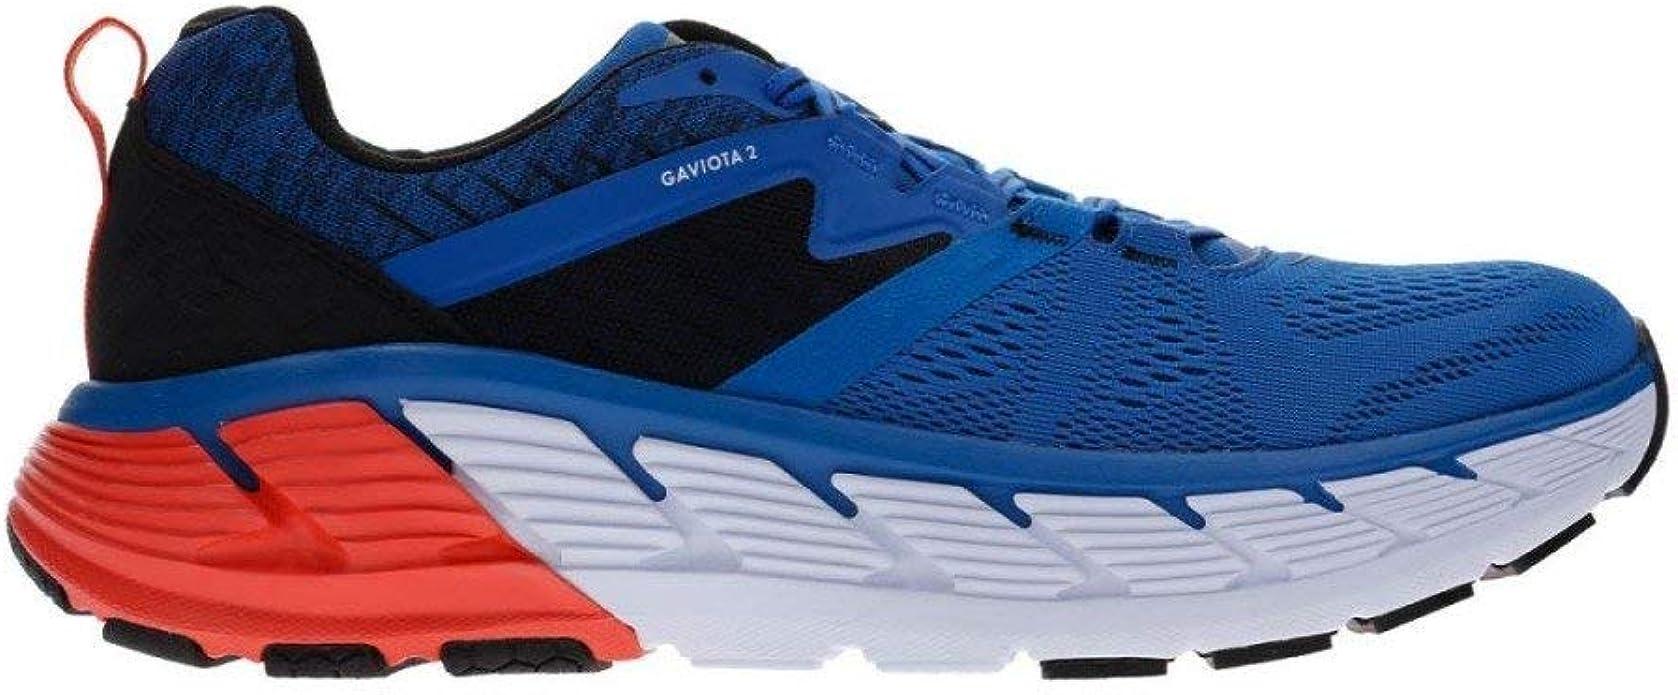 Hoka One - Gaviota 2 - Zapatillas de running para hombre, color Multicolor, talla 46 2/3 EU: Amazon.es: Zapatos y complementos